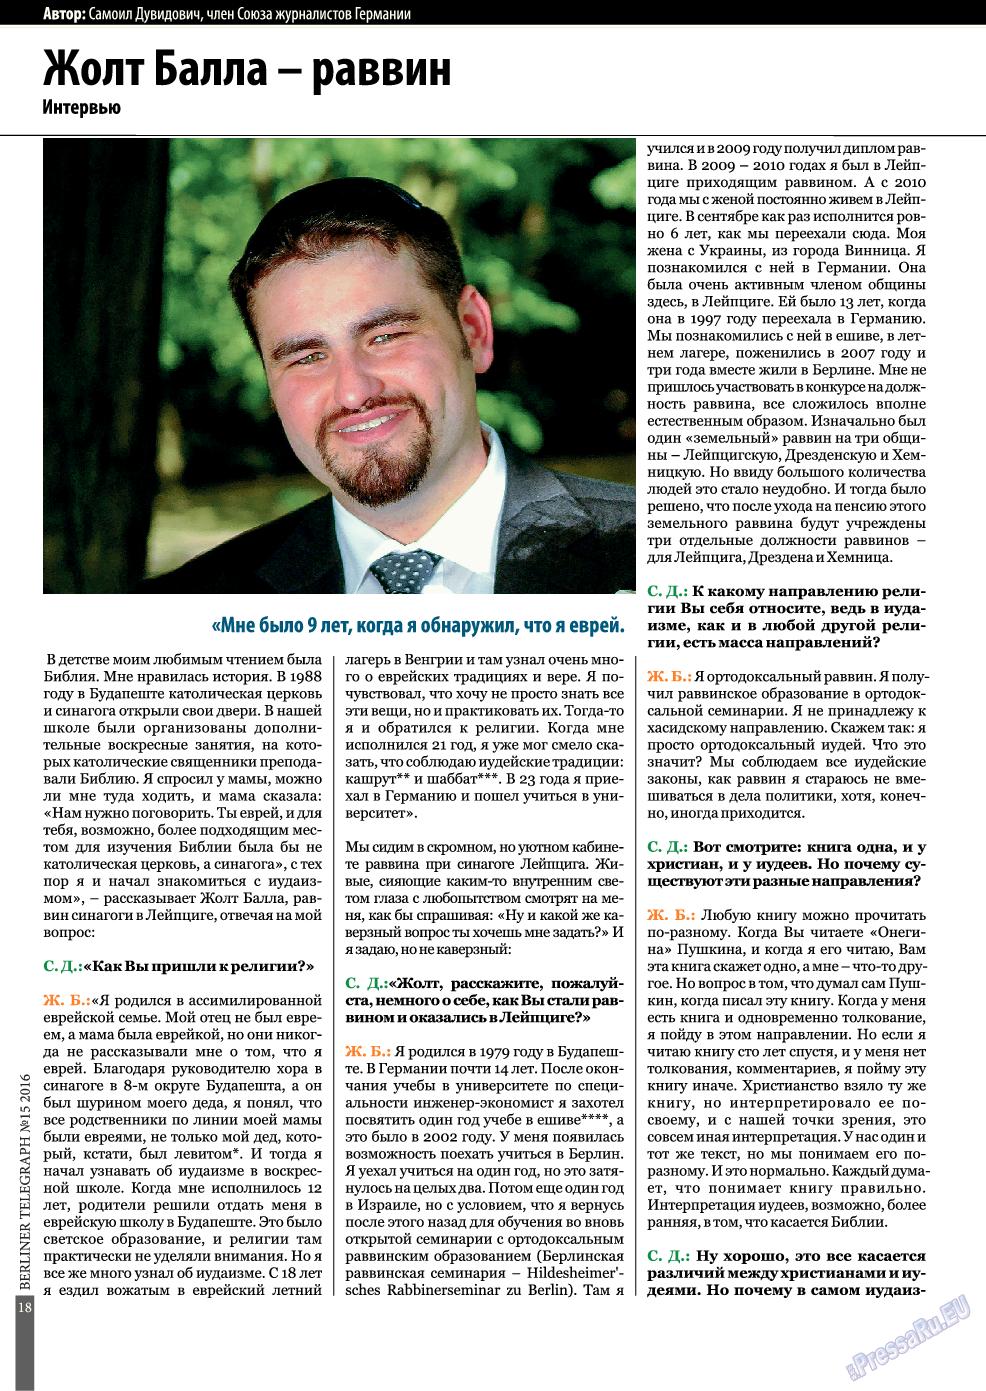 Берлинский телеграф (журнал). 2016 год, номер 15, стр. 18